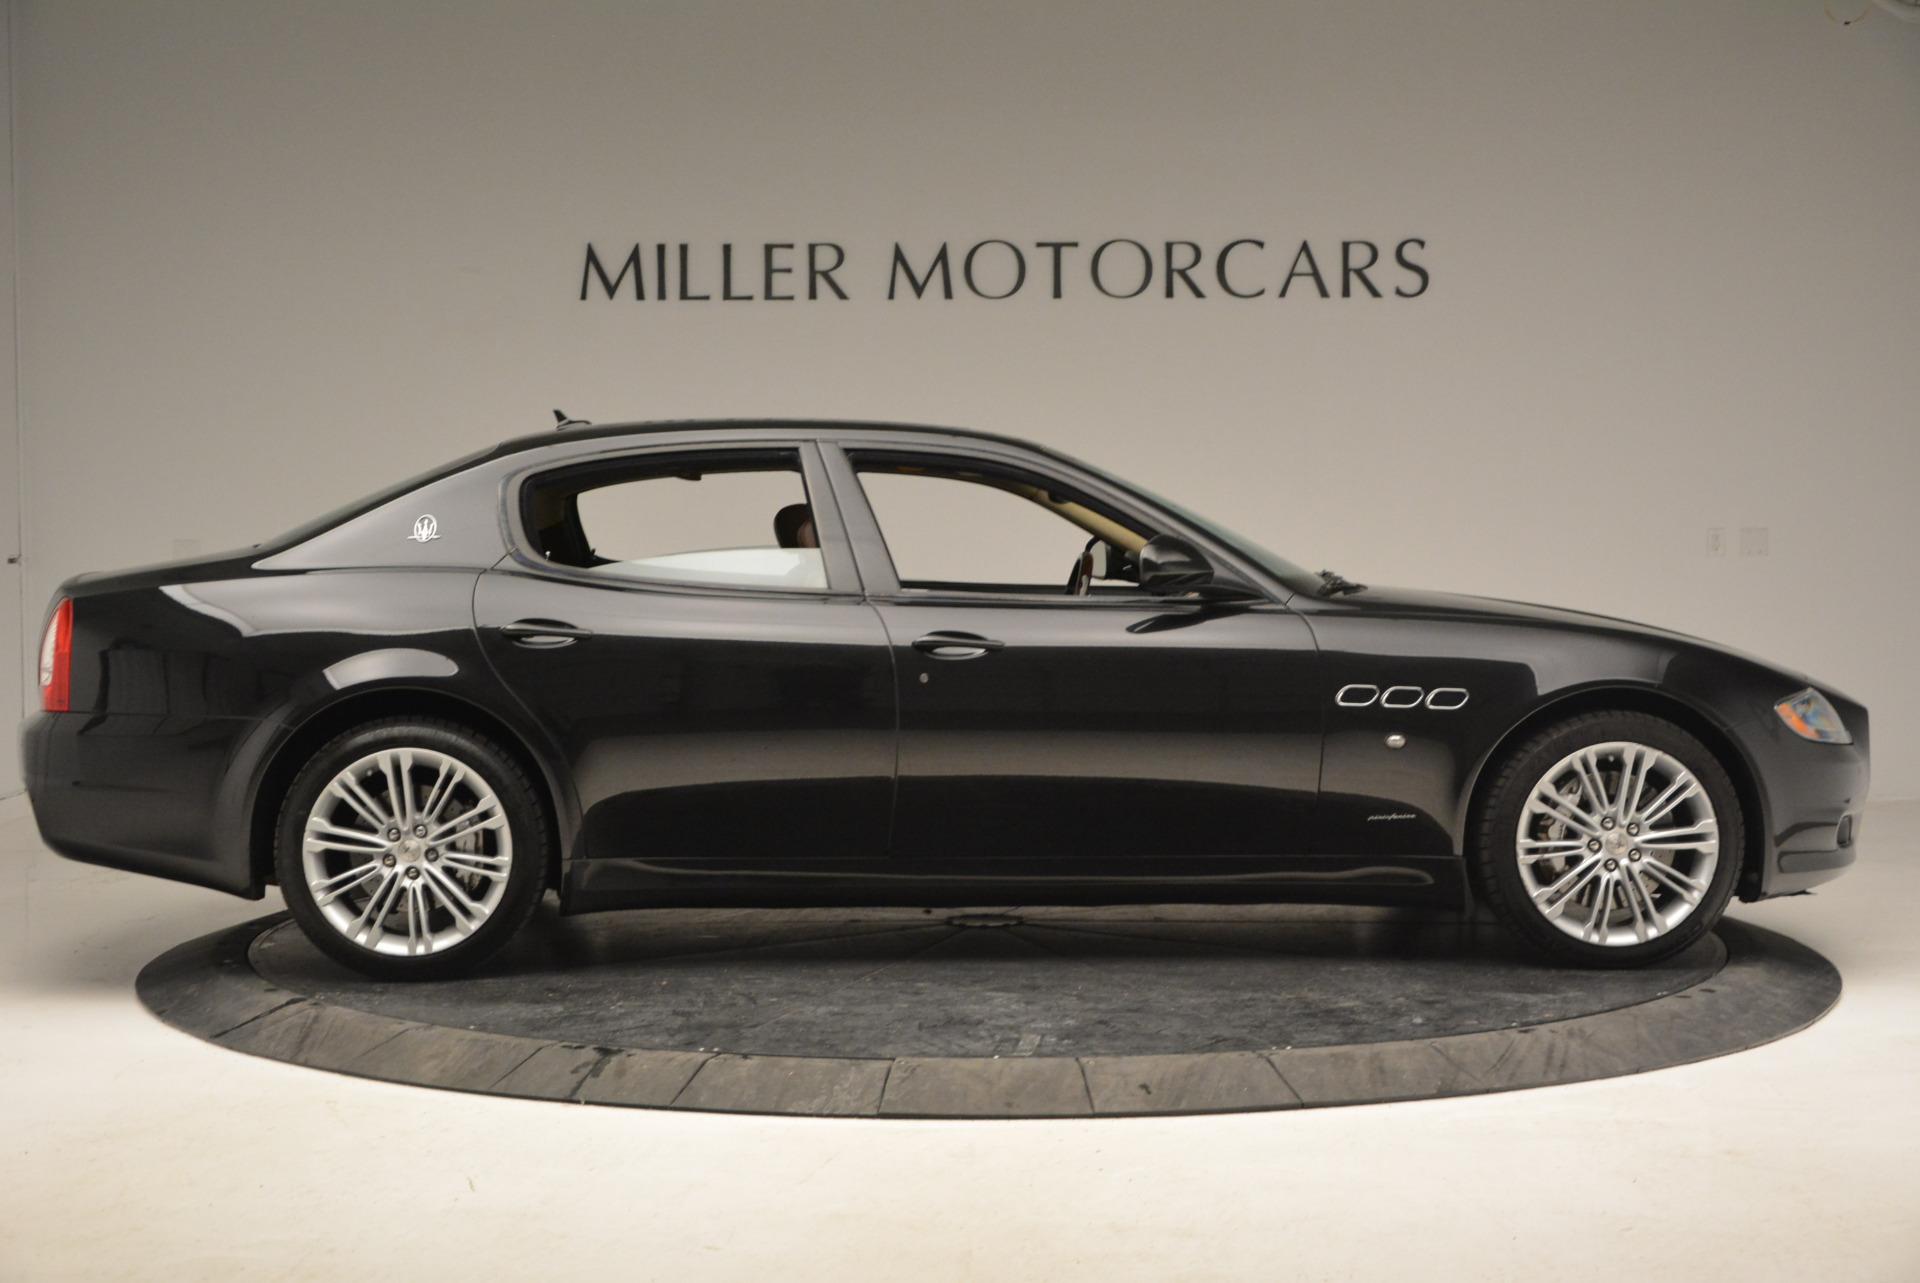 Used 2013 Maserati Quattroporte S For Sale In Greenwich, CT 1012_p9